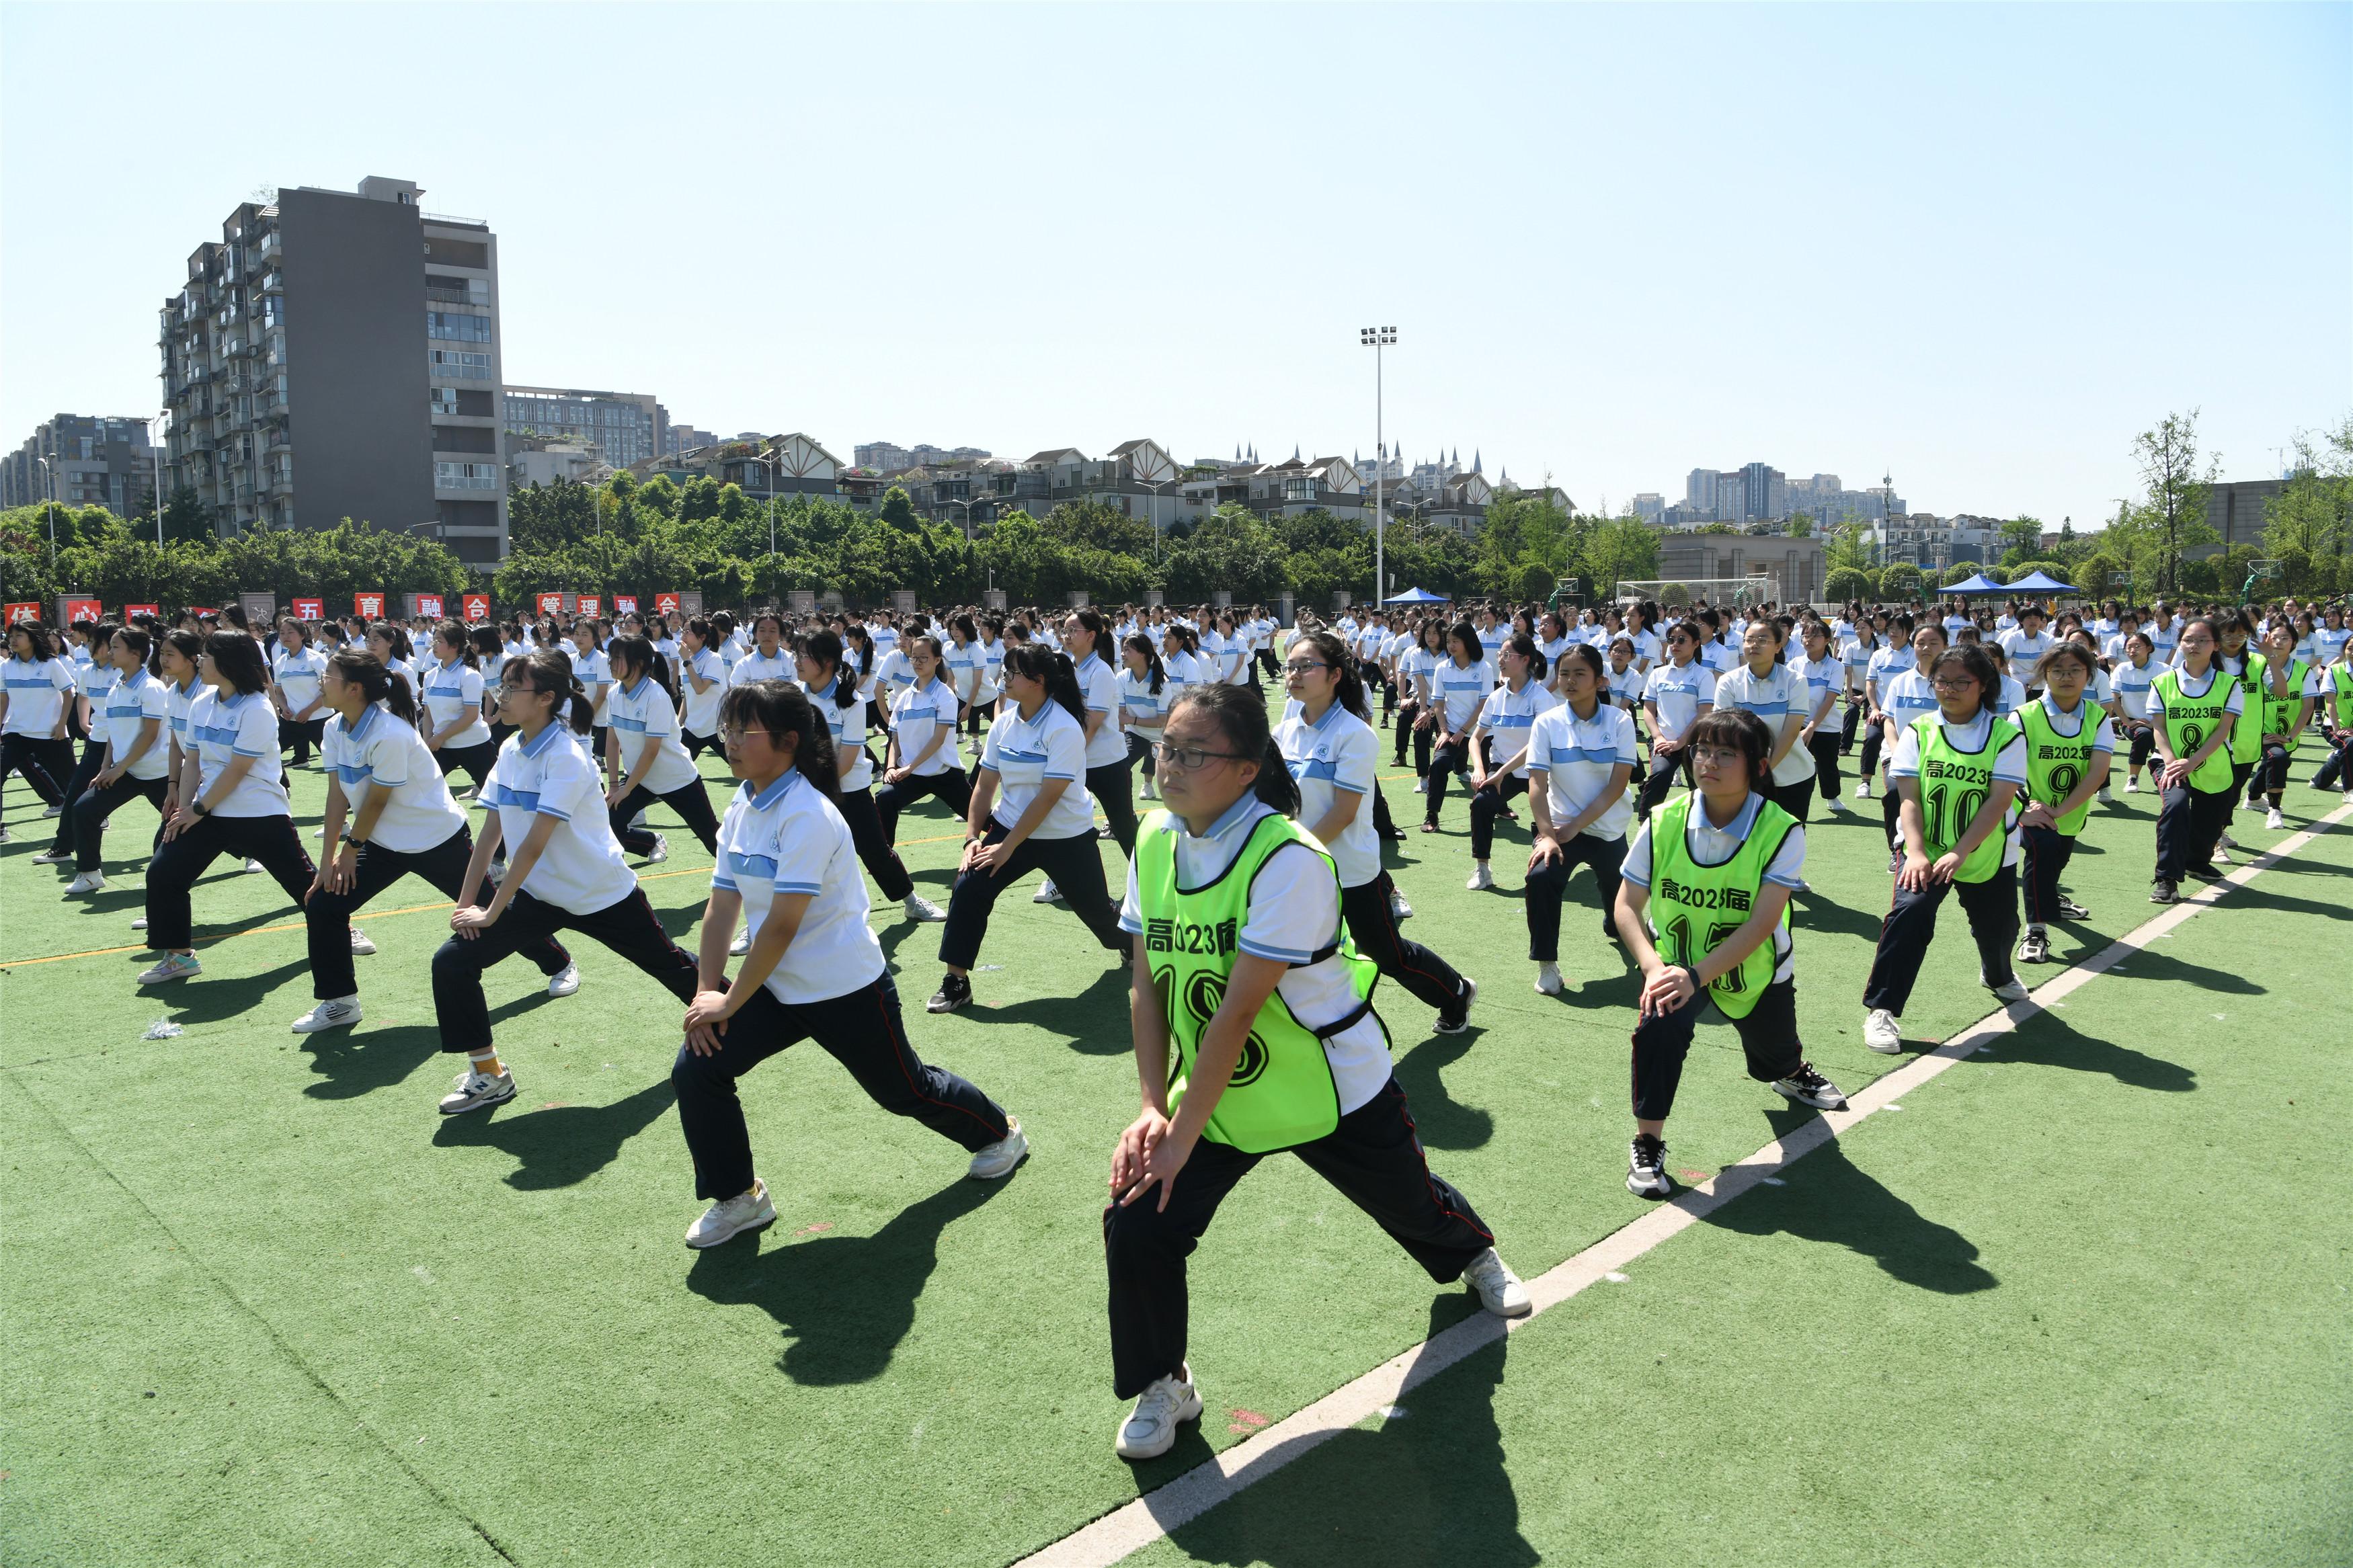 青春 快乐 健康——华阳中学举办第二届阳光体育运动周精彩瞬间